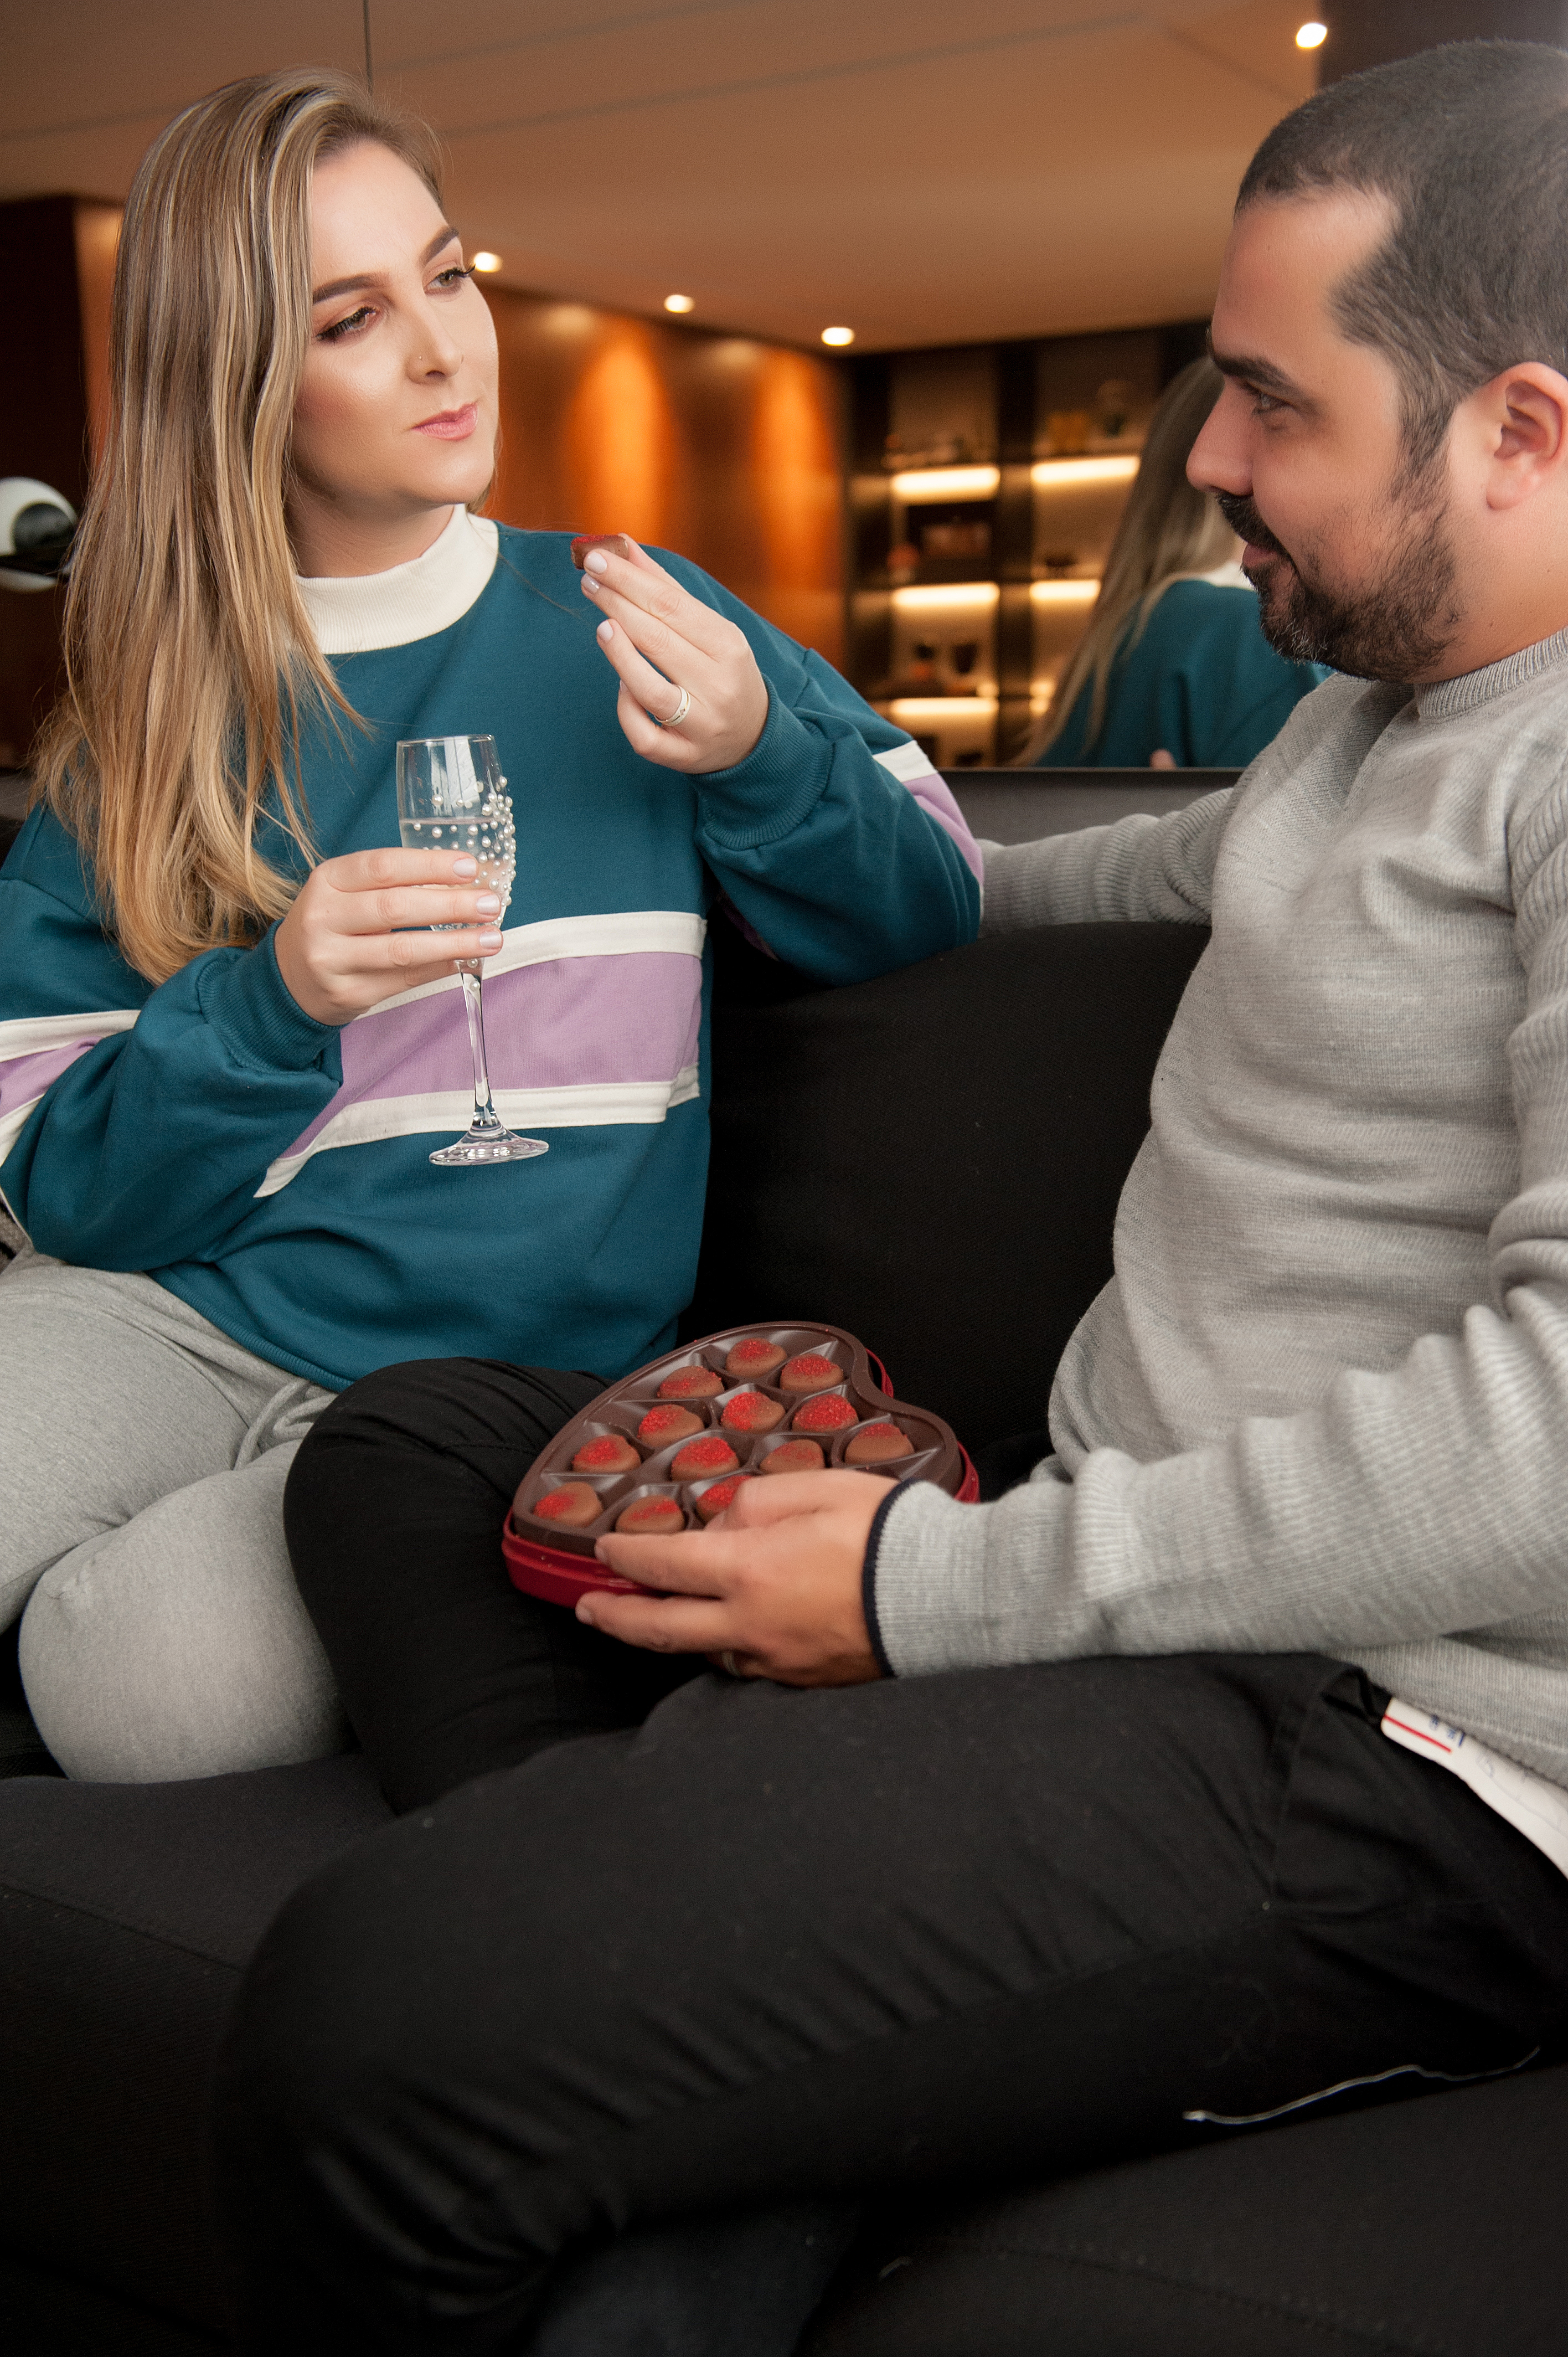 A imagem é de um casal, um ao lado do outro, comendo chocolates